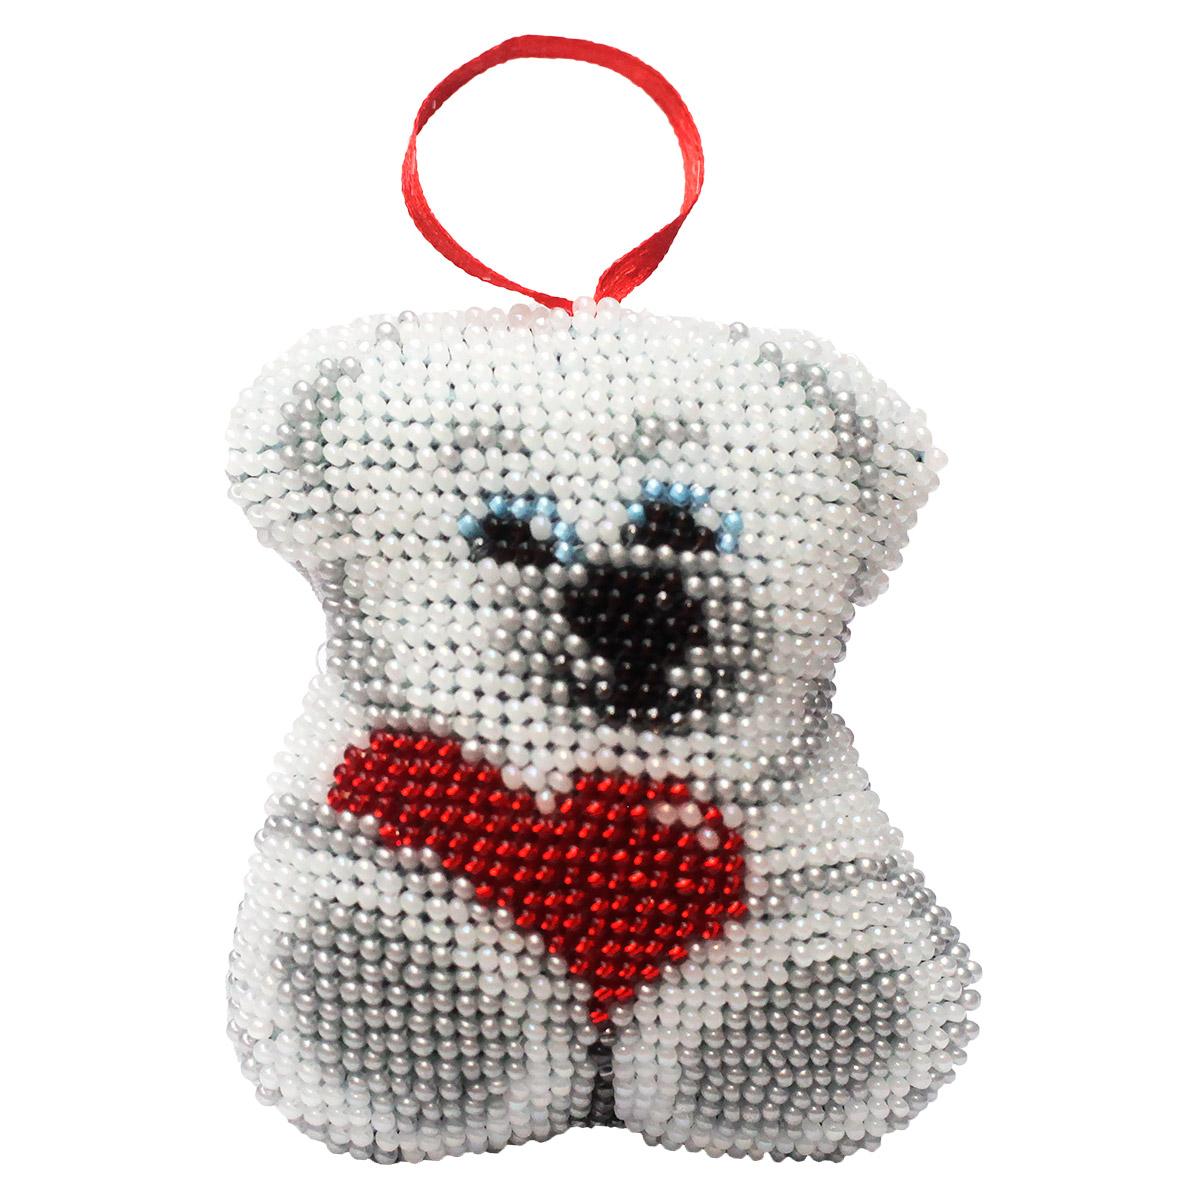 БИ-114 Набор для вышивания Бисером'Созвездие'. Новогодняя игрушка 'Любимый Медевежонок' 7,5*8,5 см